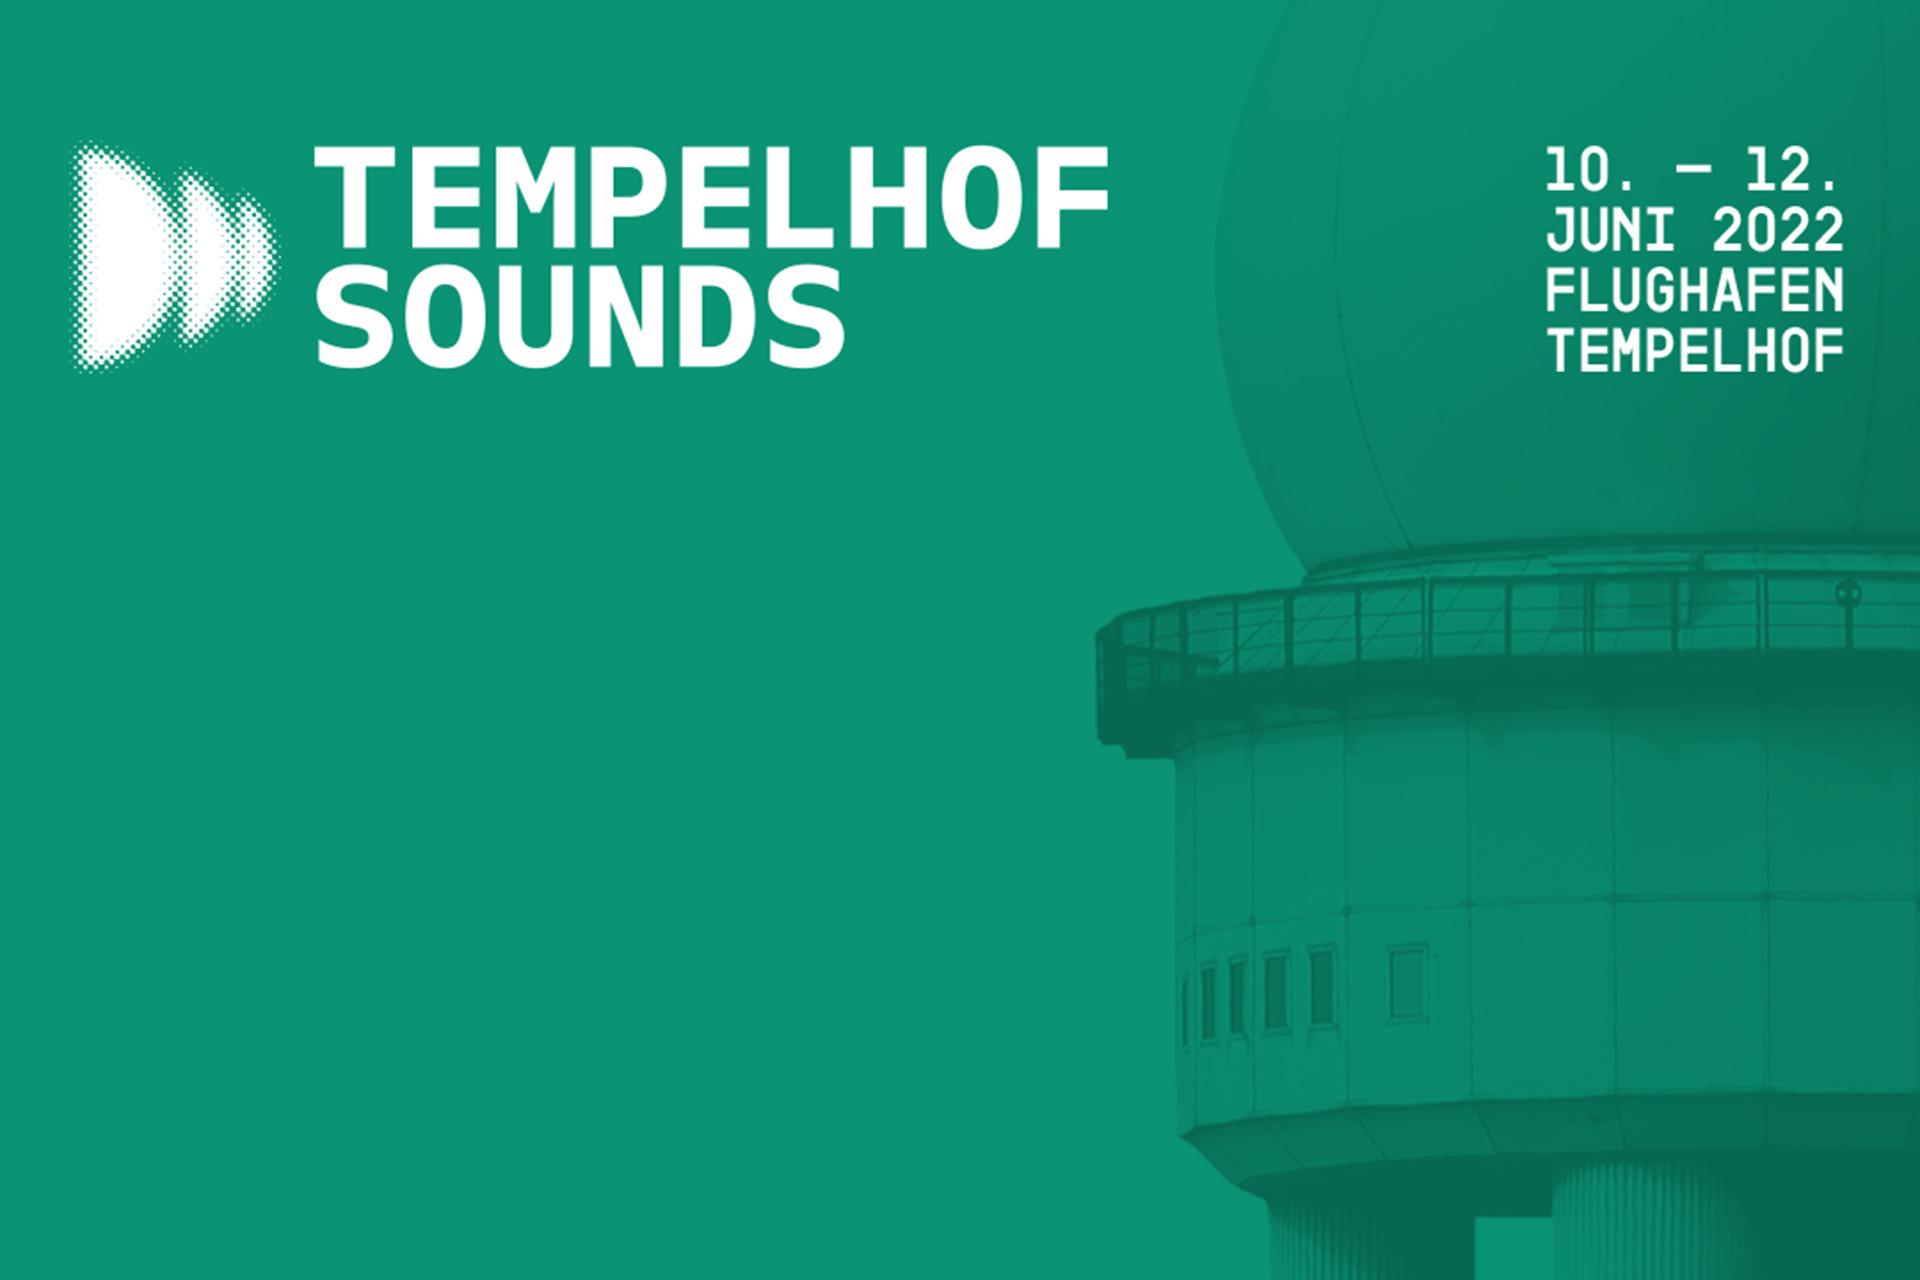 Tempelhof Sounds 2022